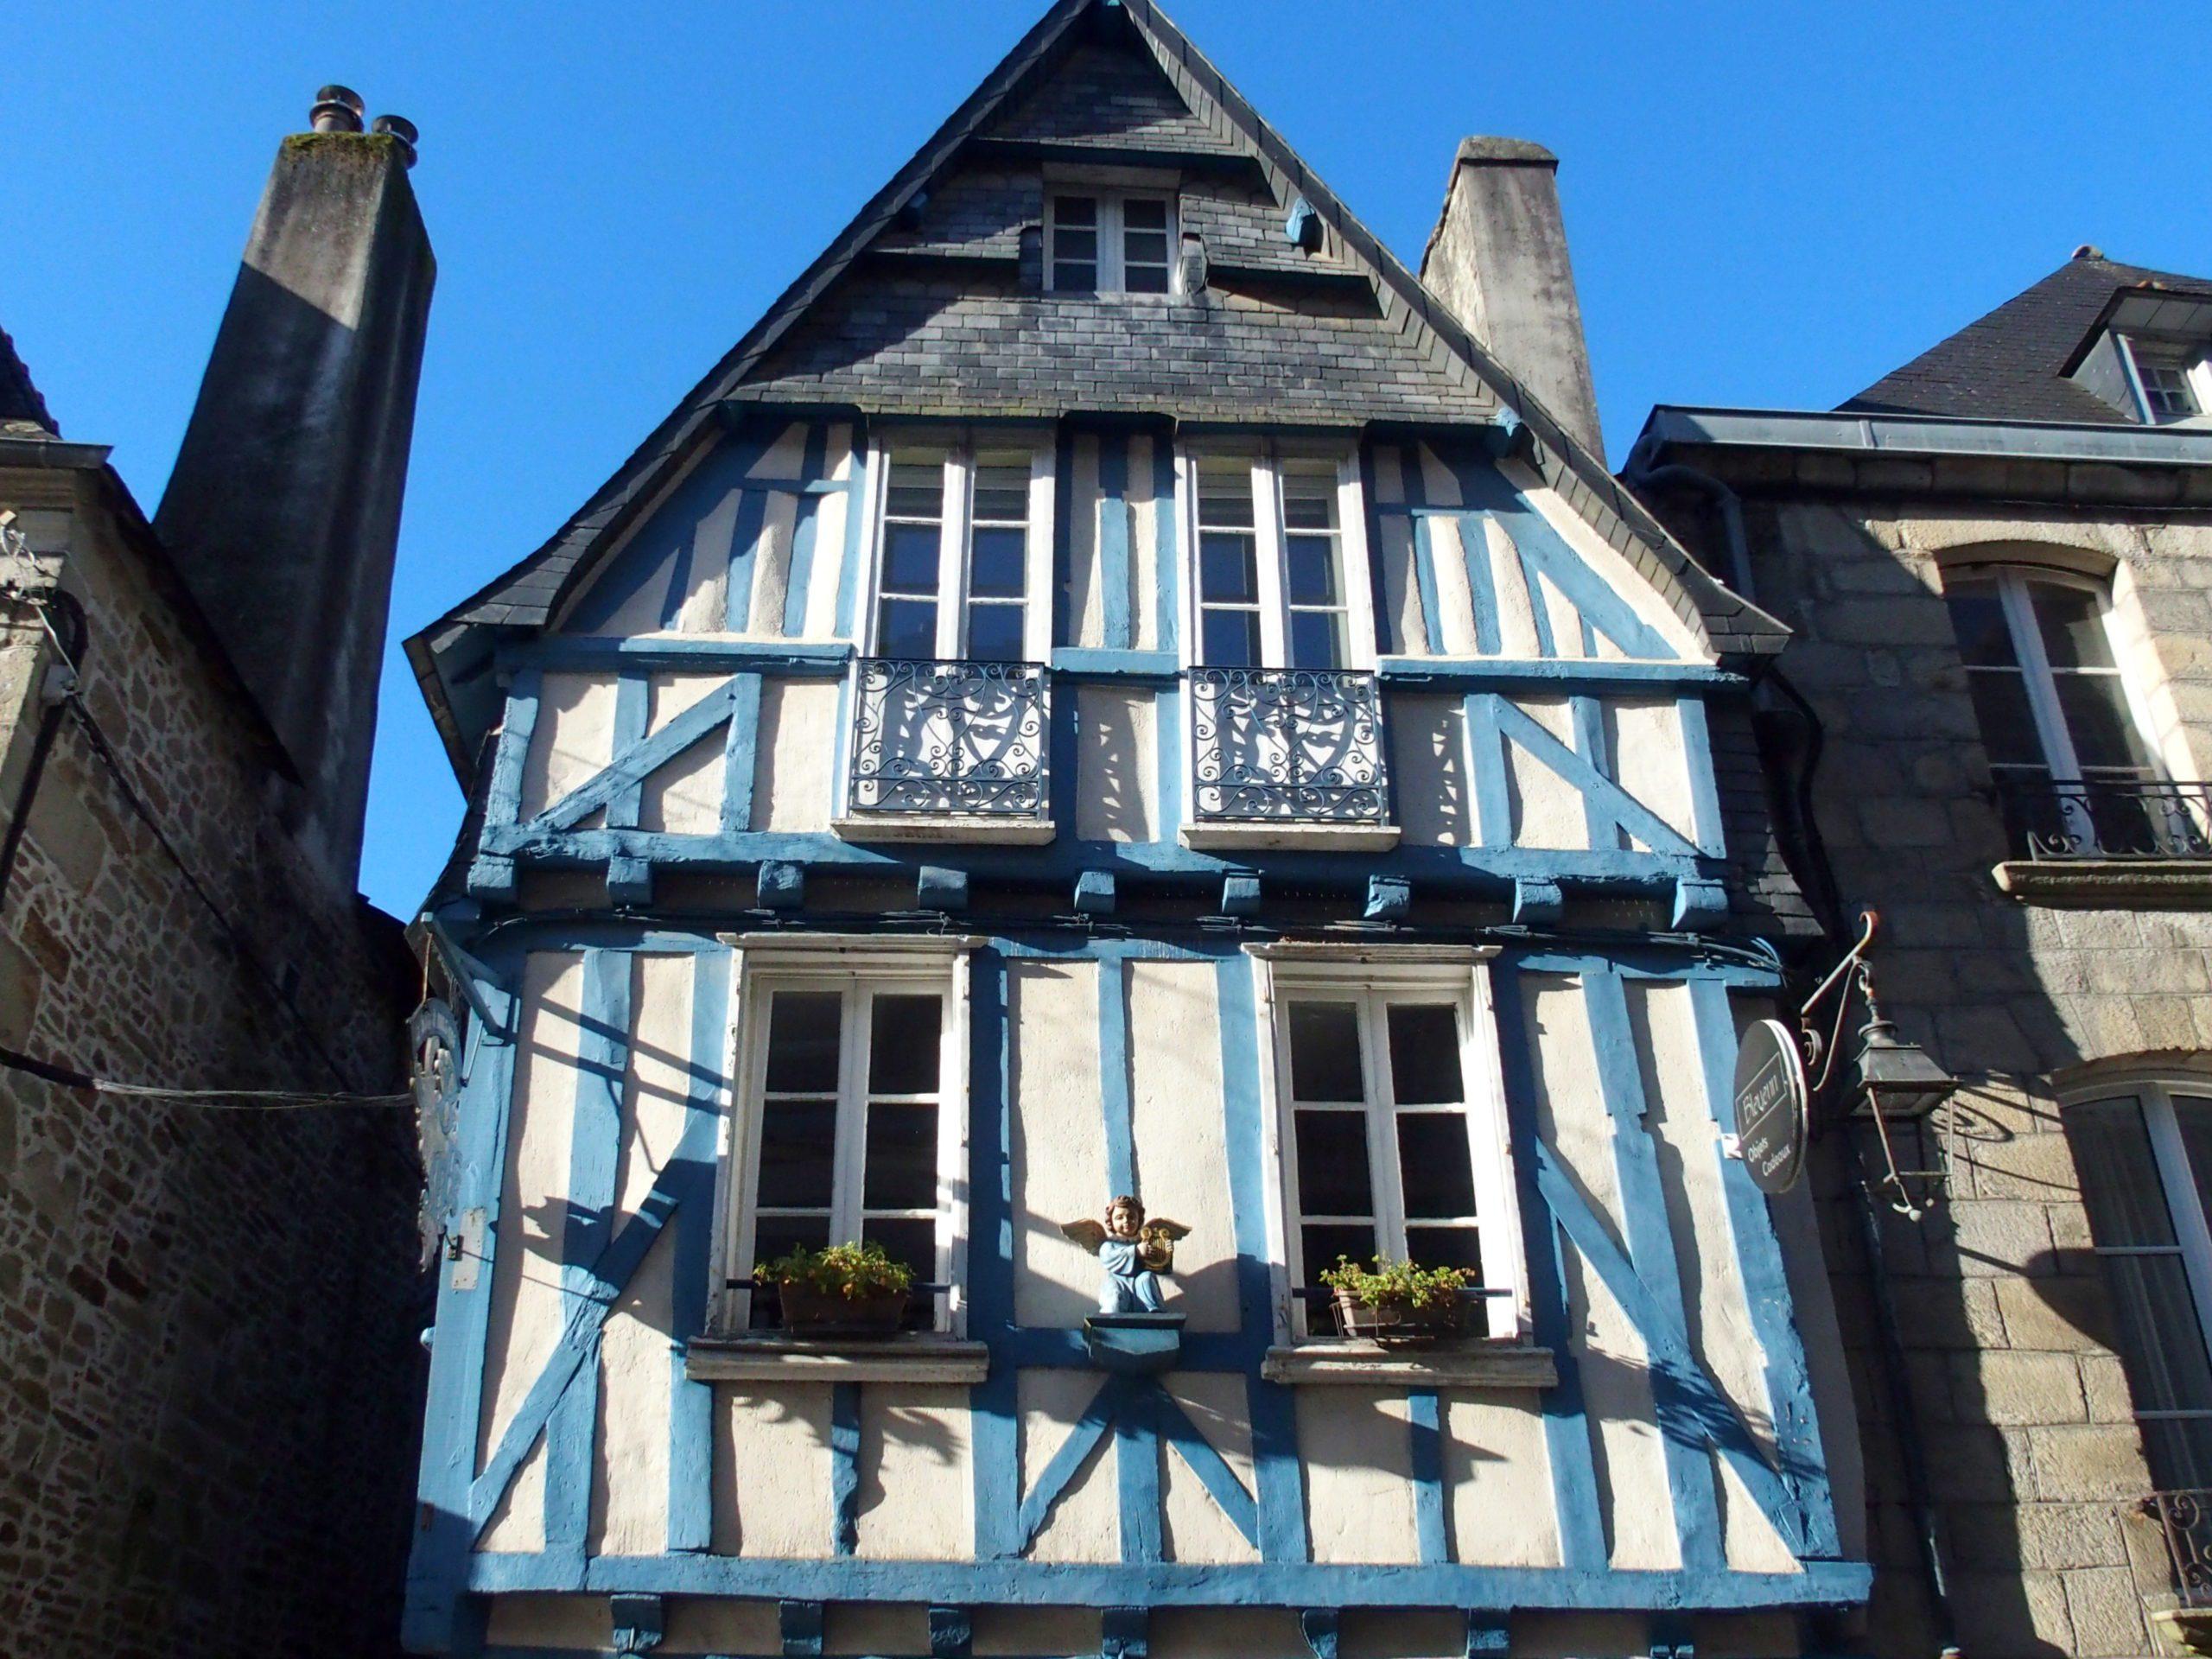 Maison à colombage bleus Quimper Bretagne.